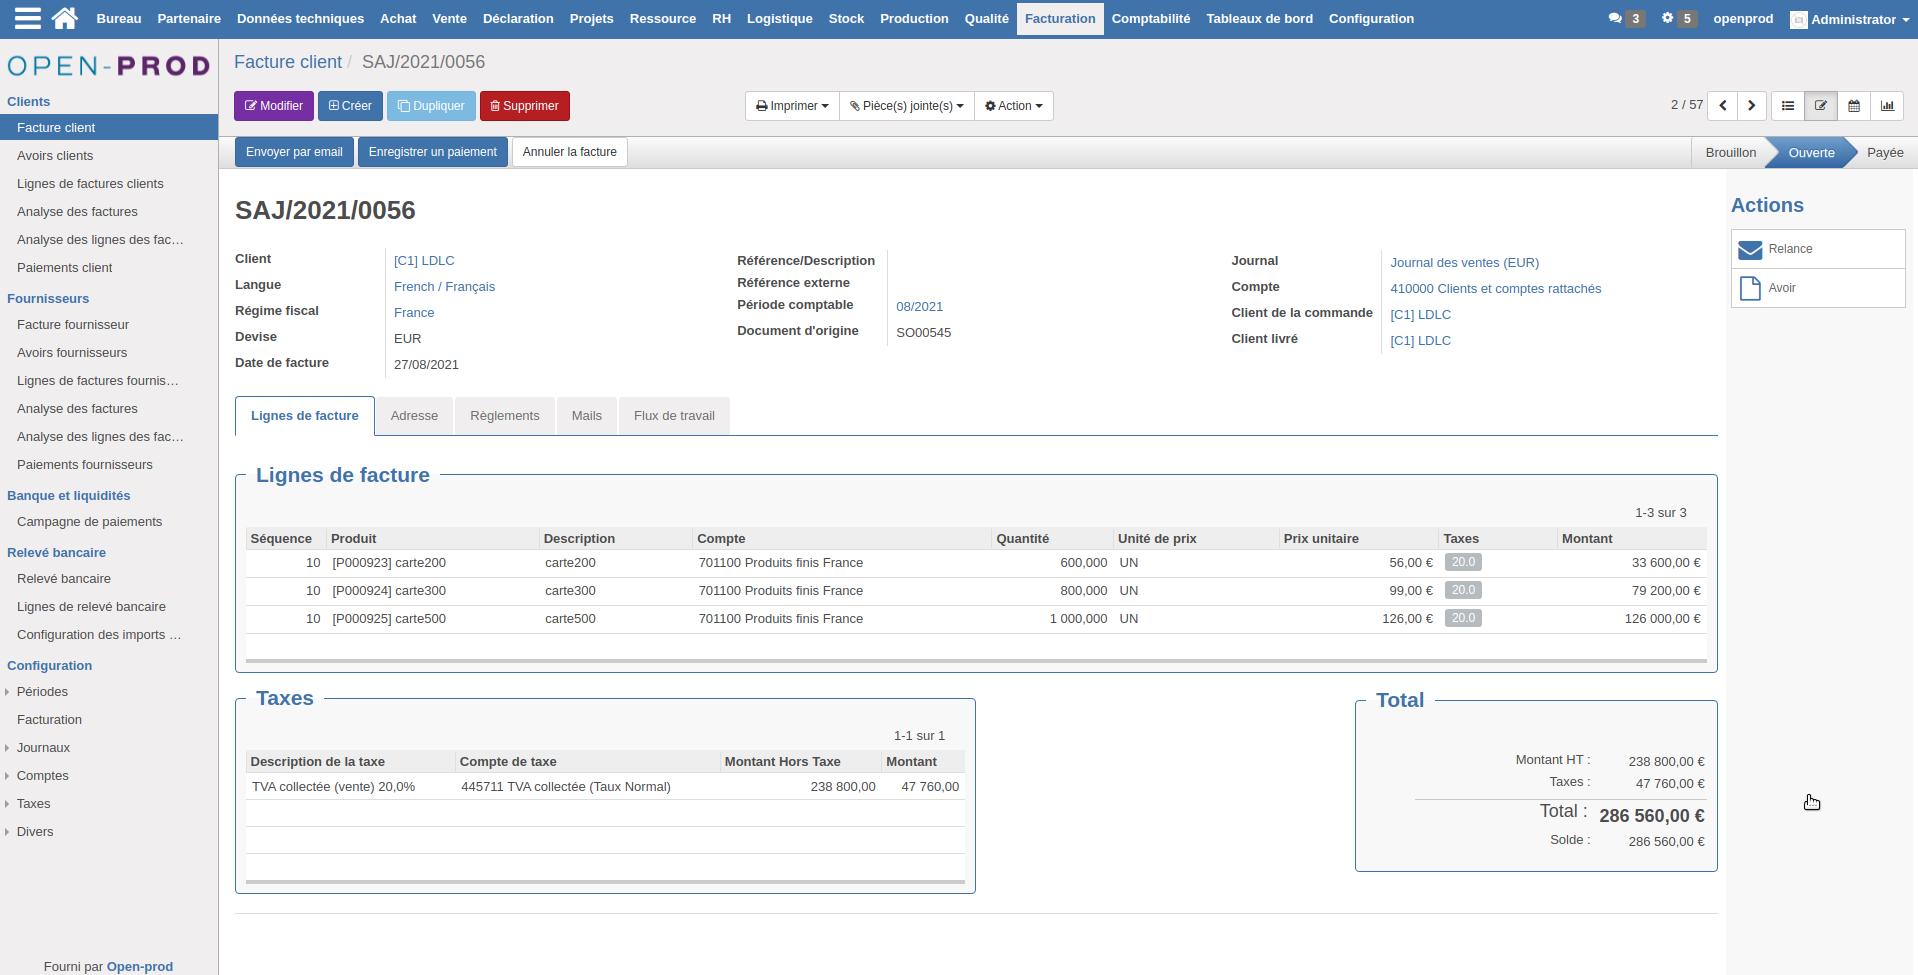 Interface de facture d'un client dans l'ERP